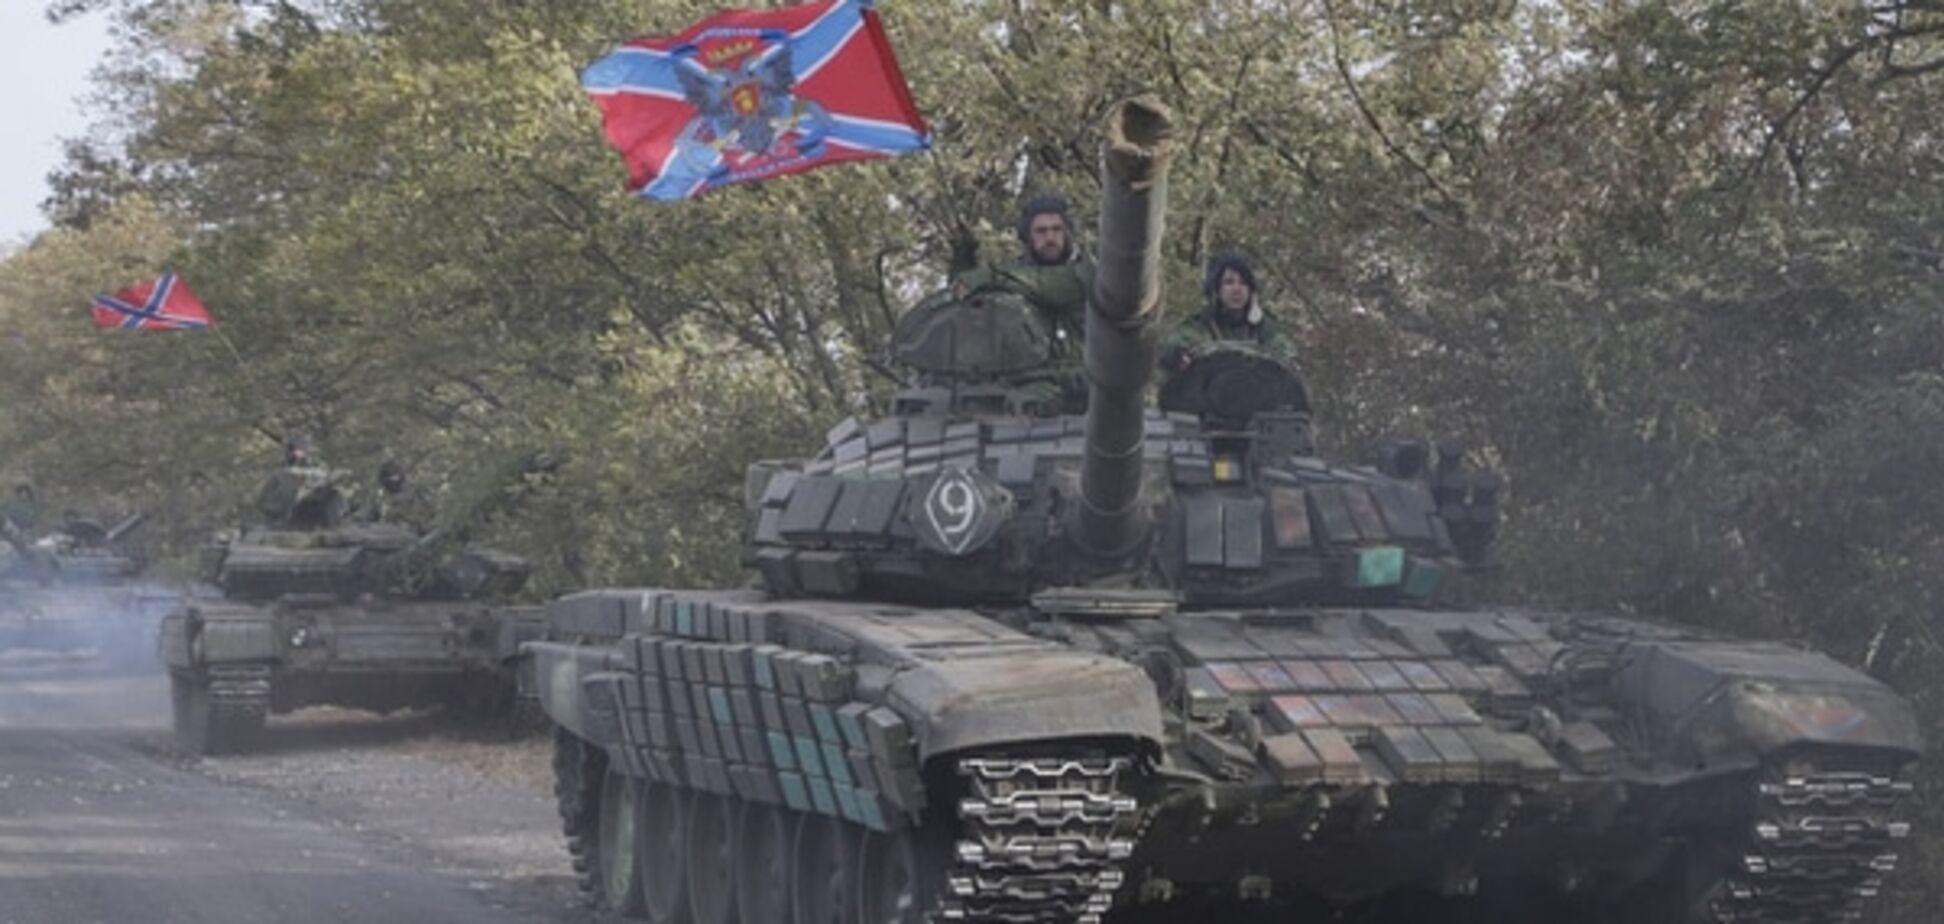 Манія переслідування: Захарченку привиділися іноземні шпигуни